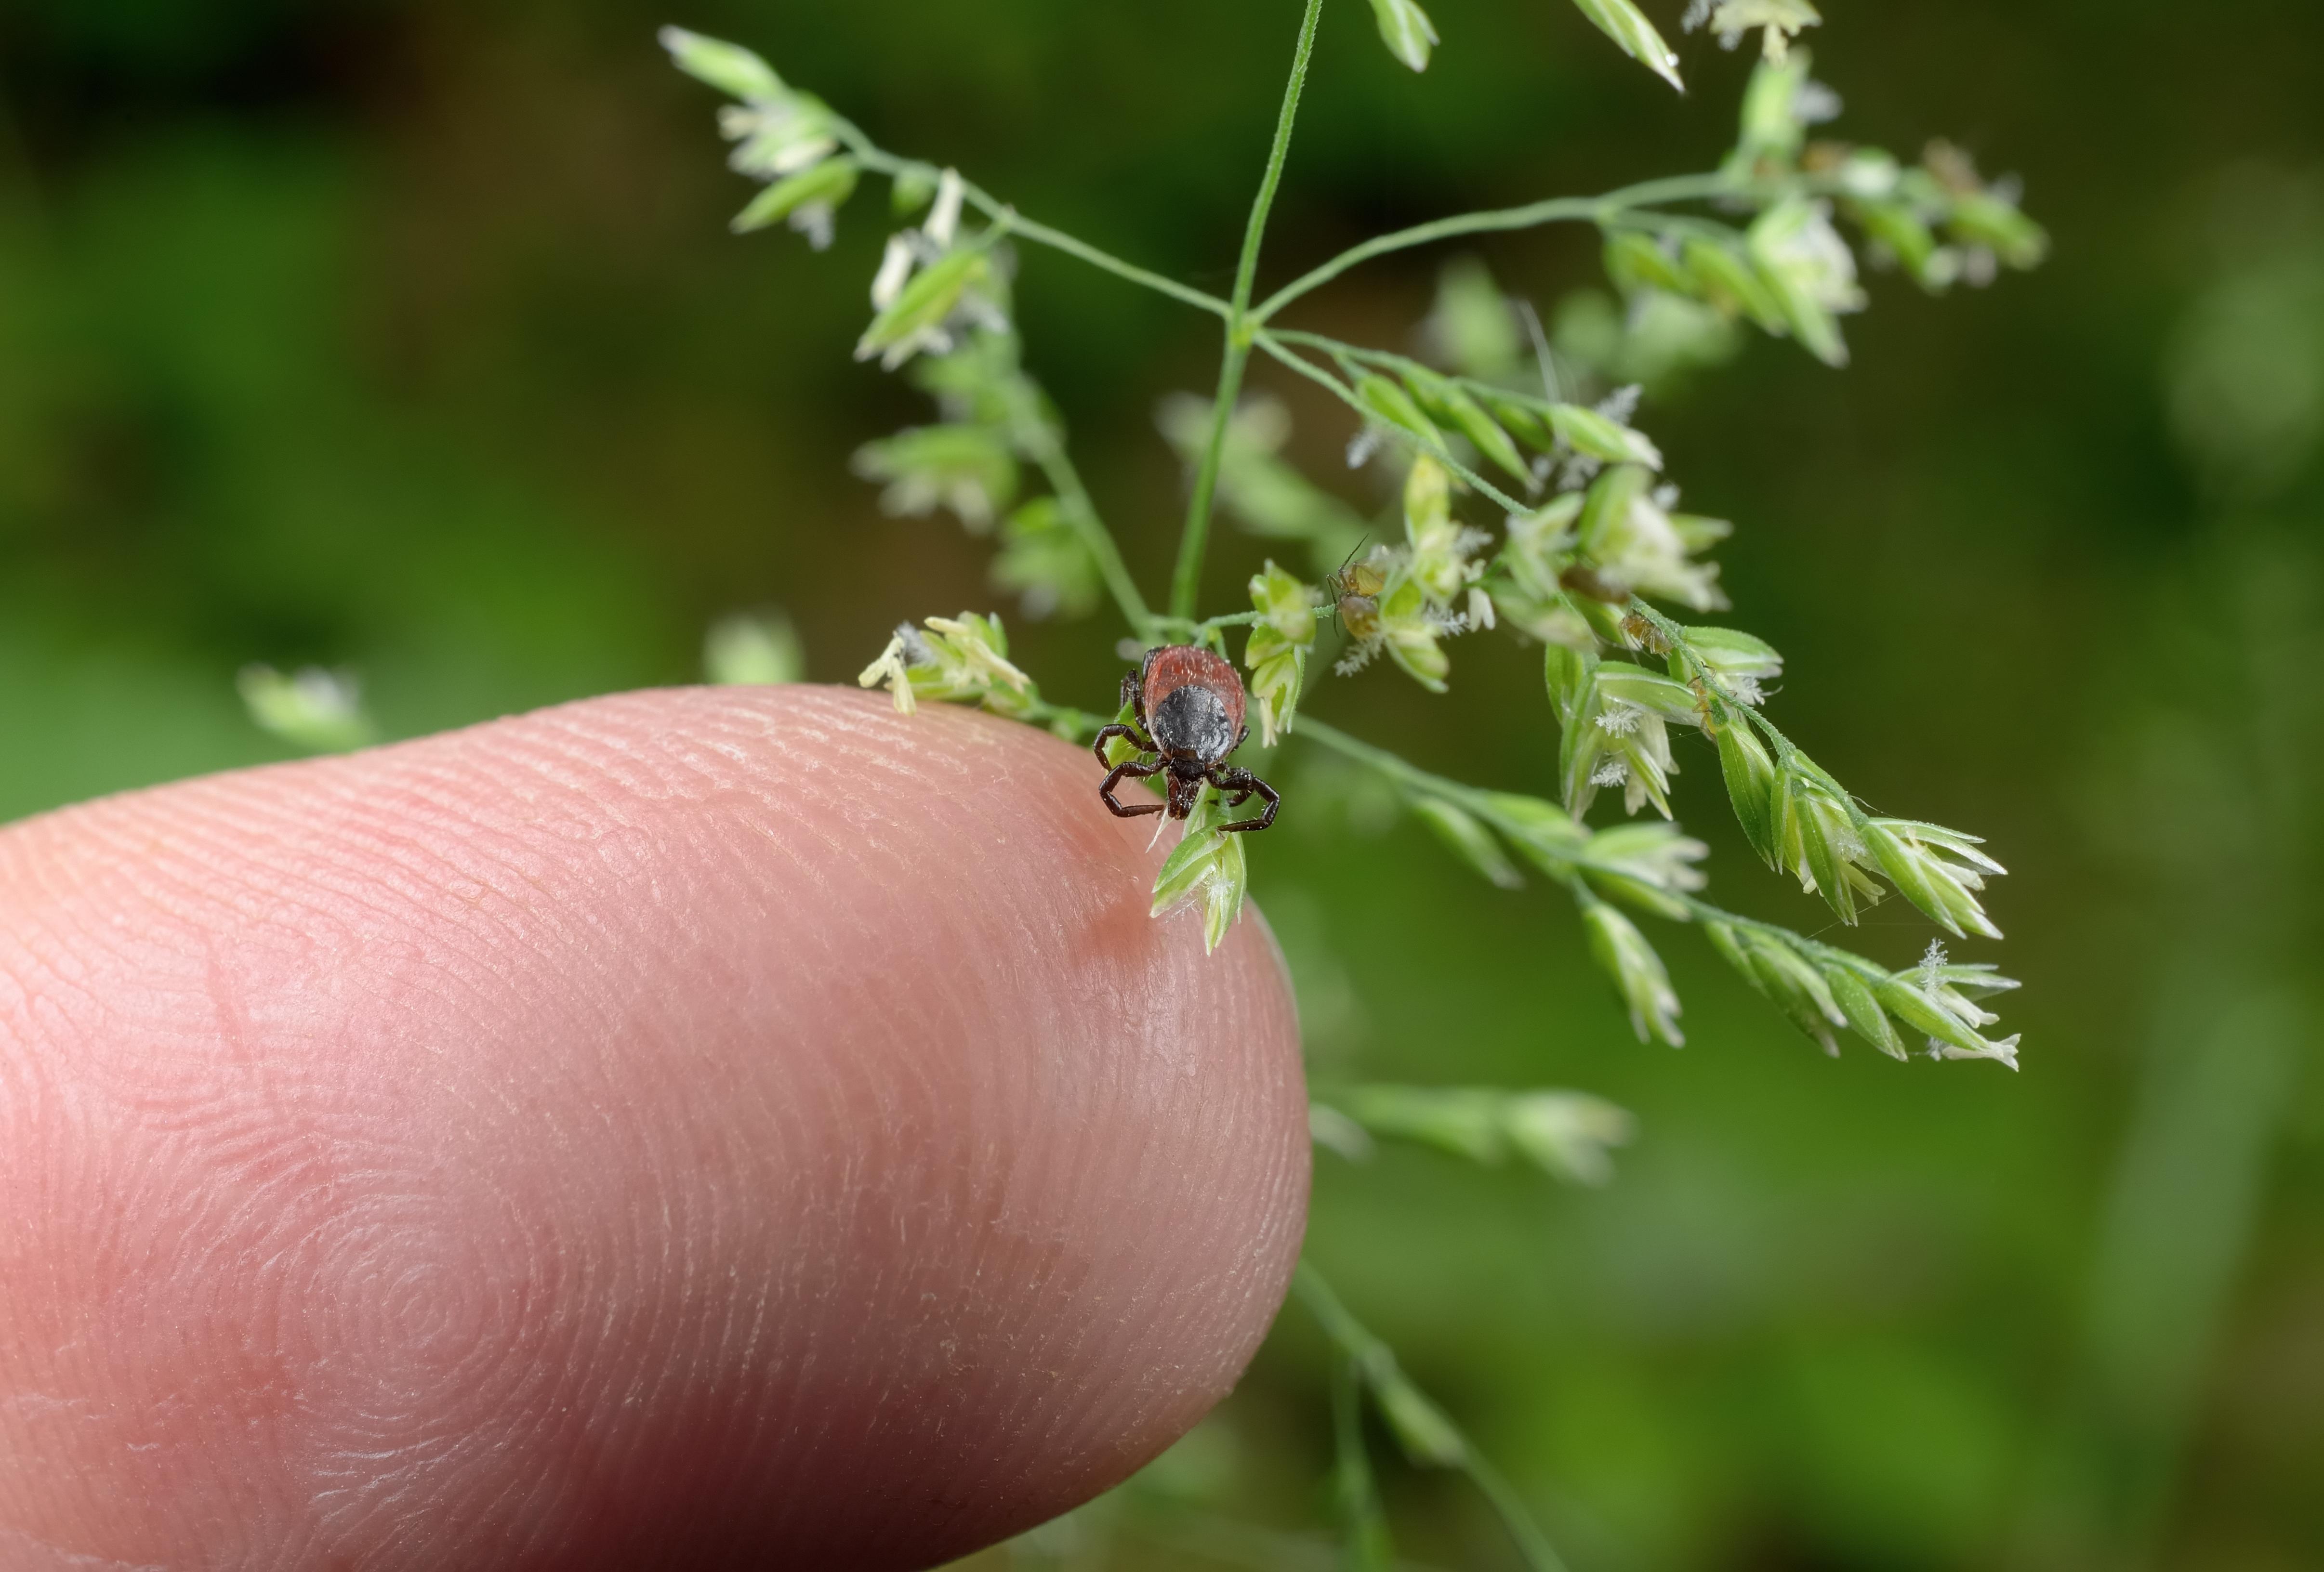 Den vanliga fästingen finns främst i halvhögt gräs i närheten av vatten. Den sitter gärna i grässtrånas topp eller i låga buskar.